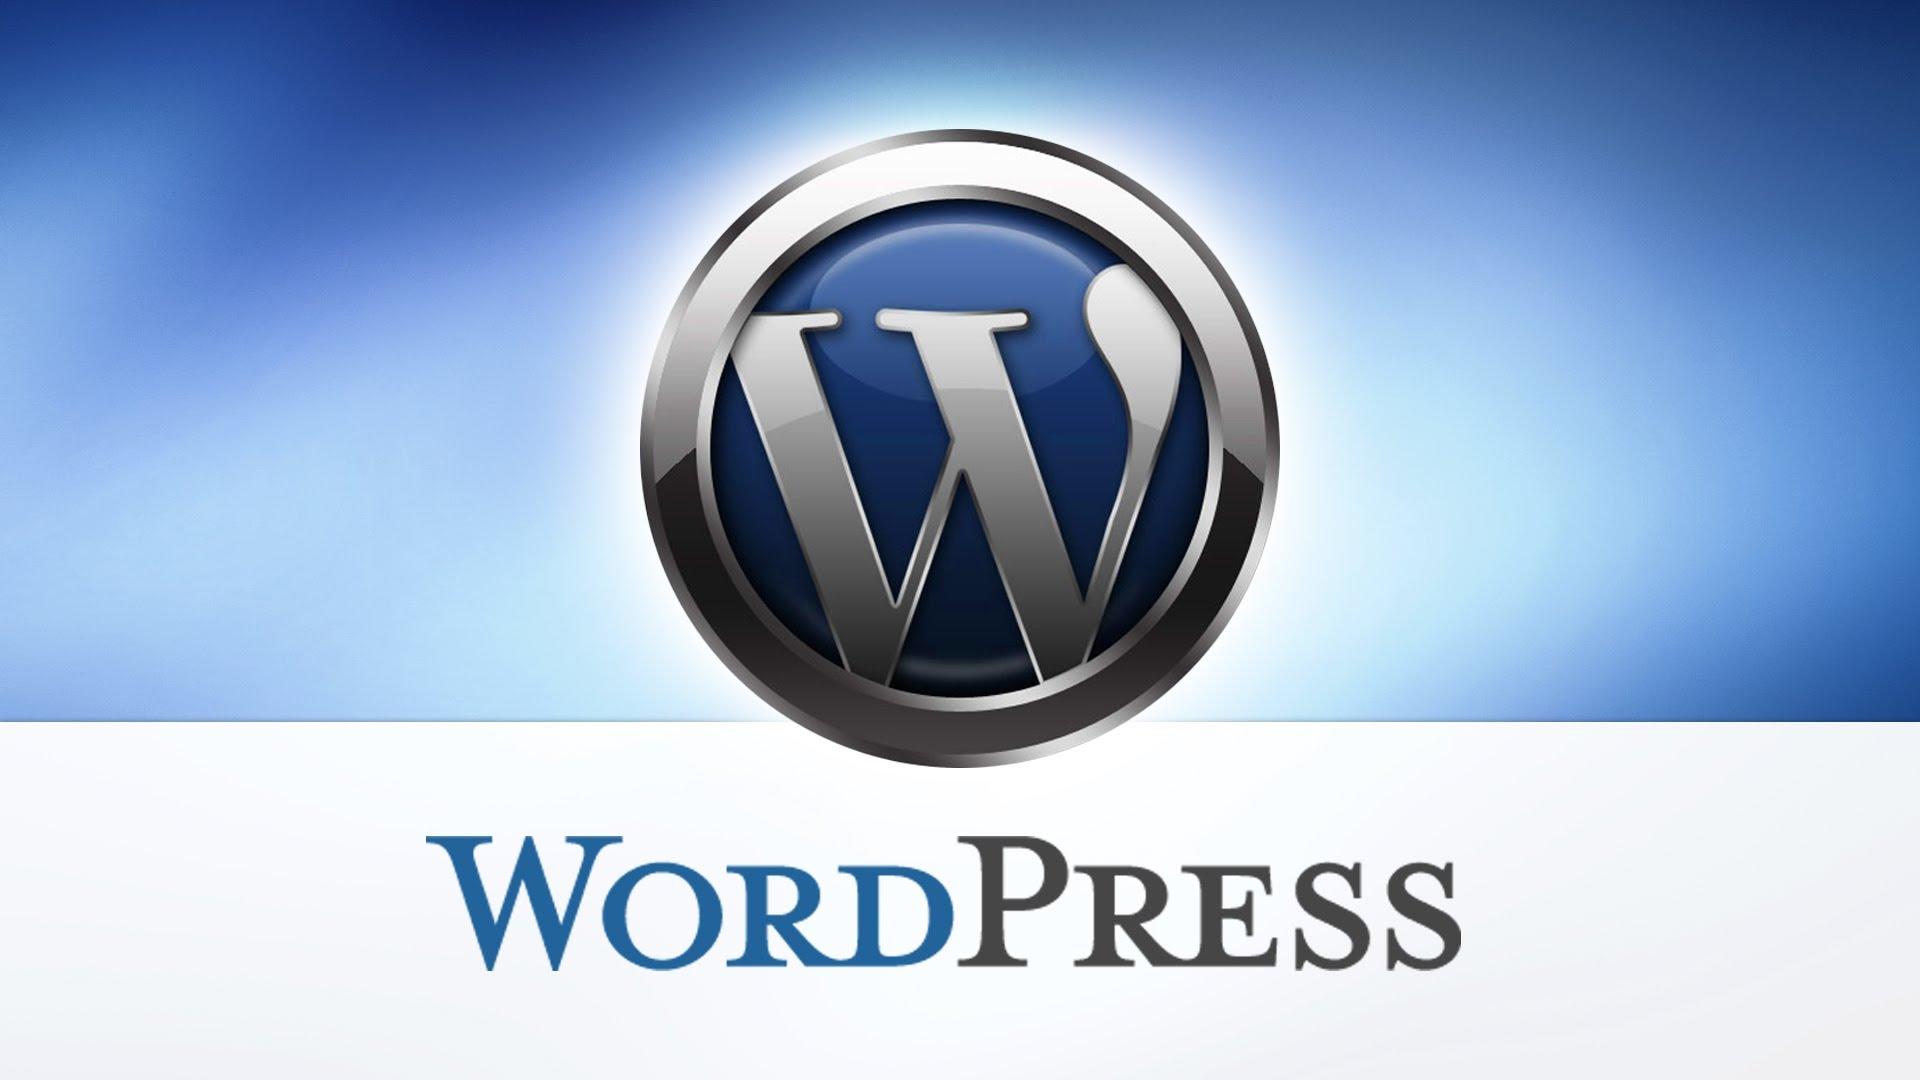 Resultado de imagen para wordpress logo